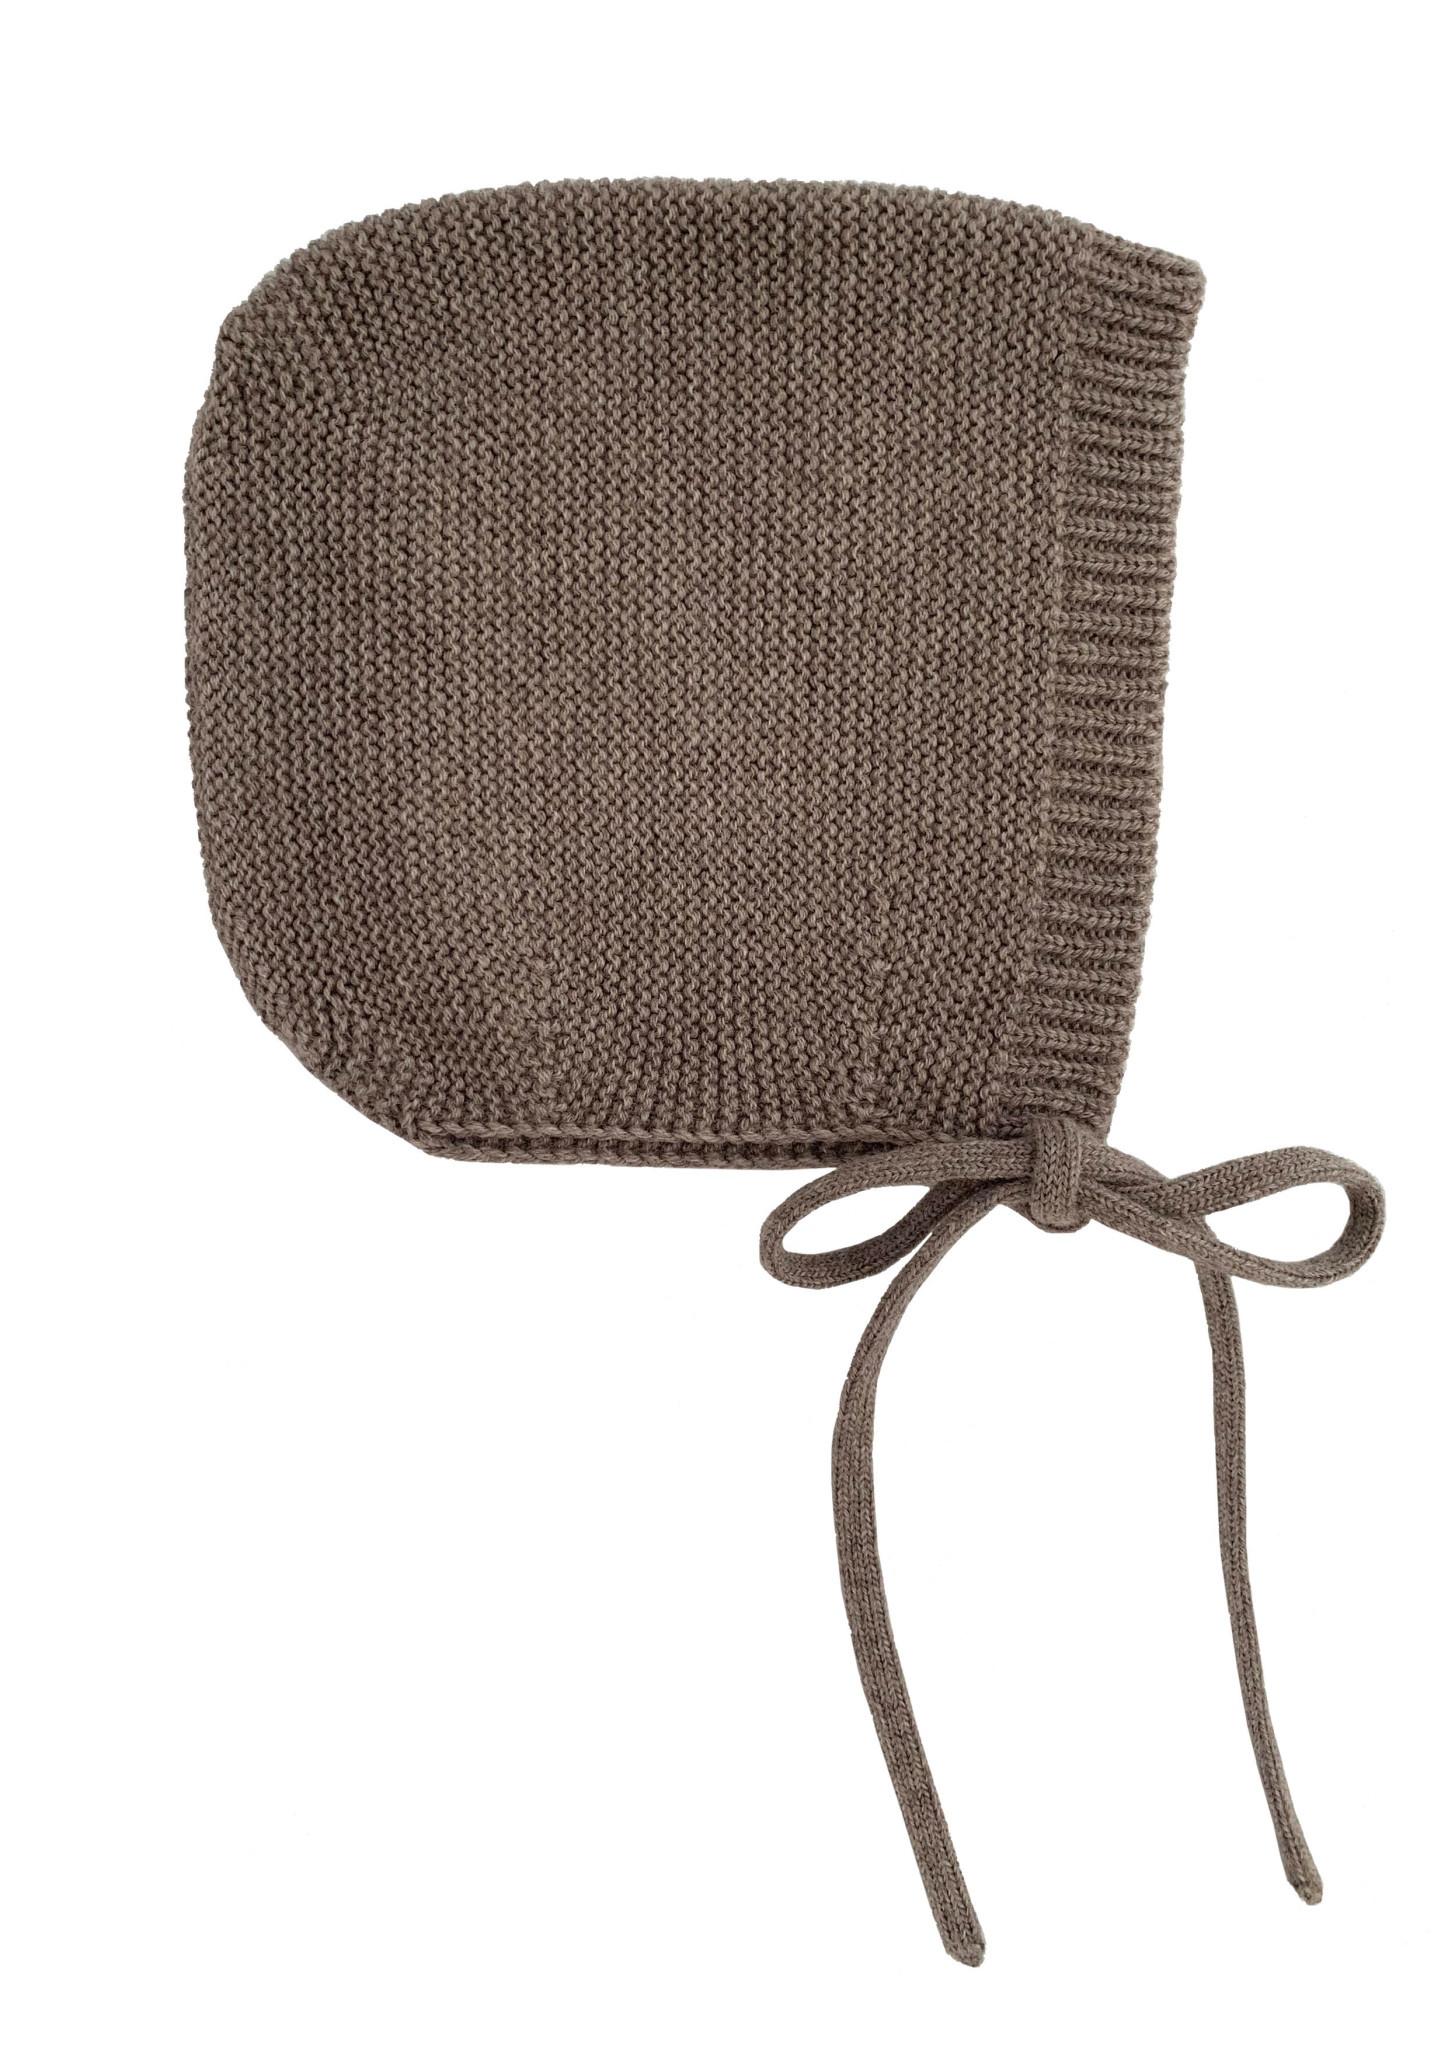 Bonnet dolly otter-2